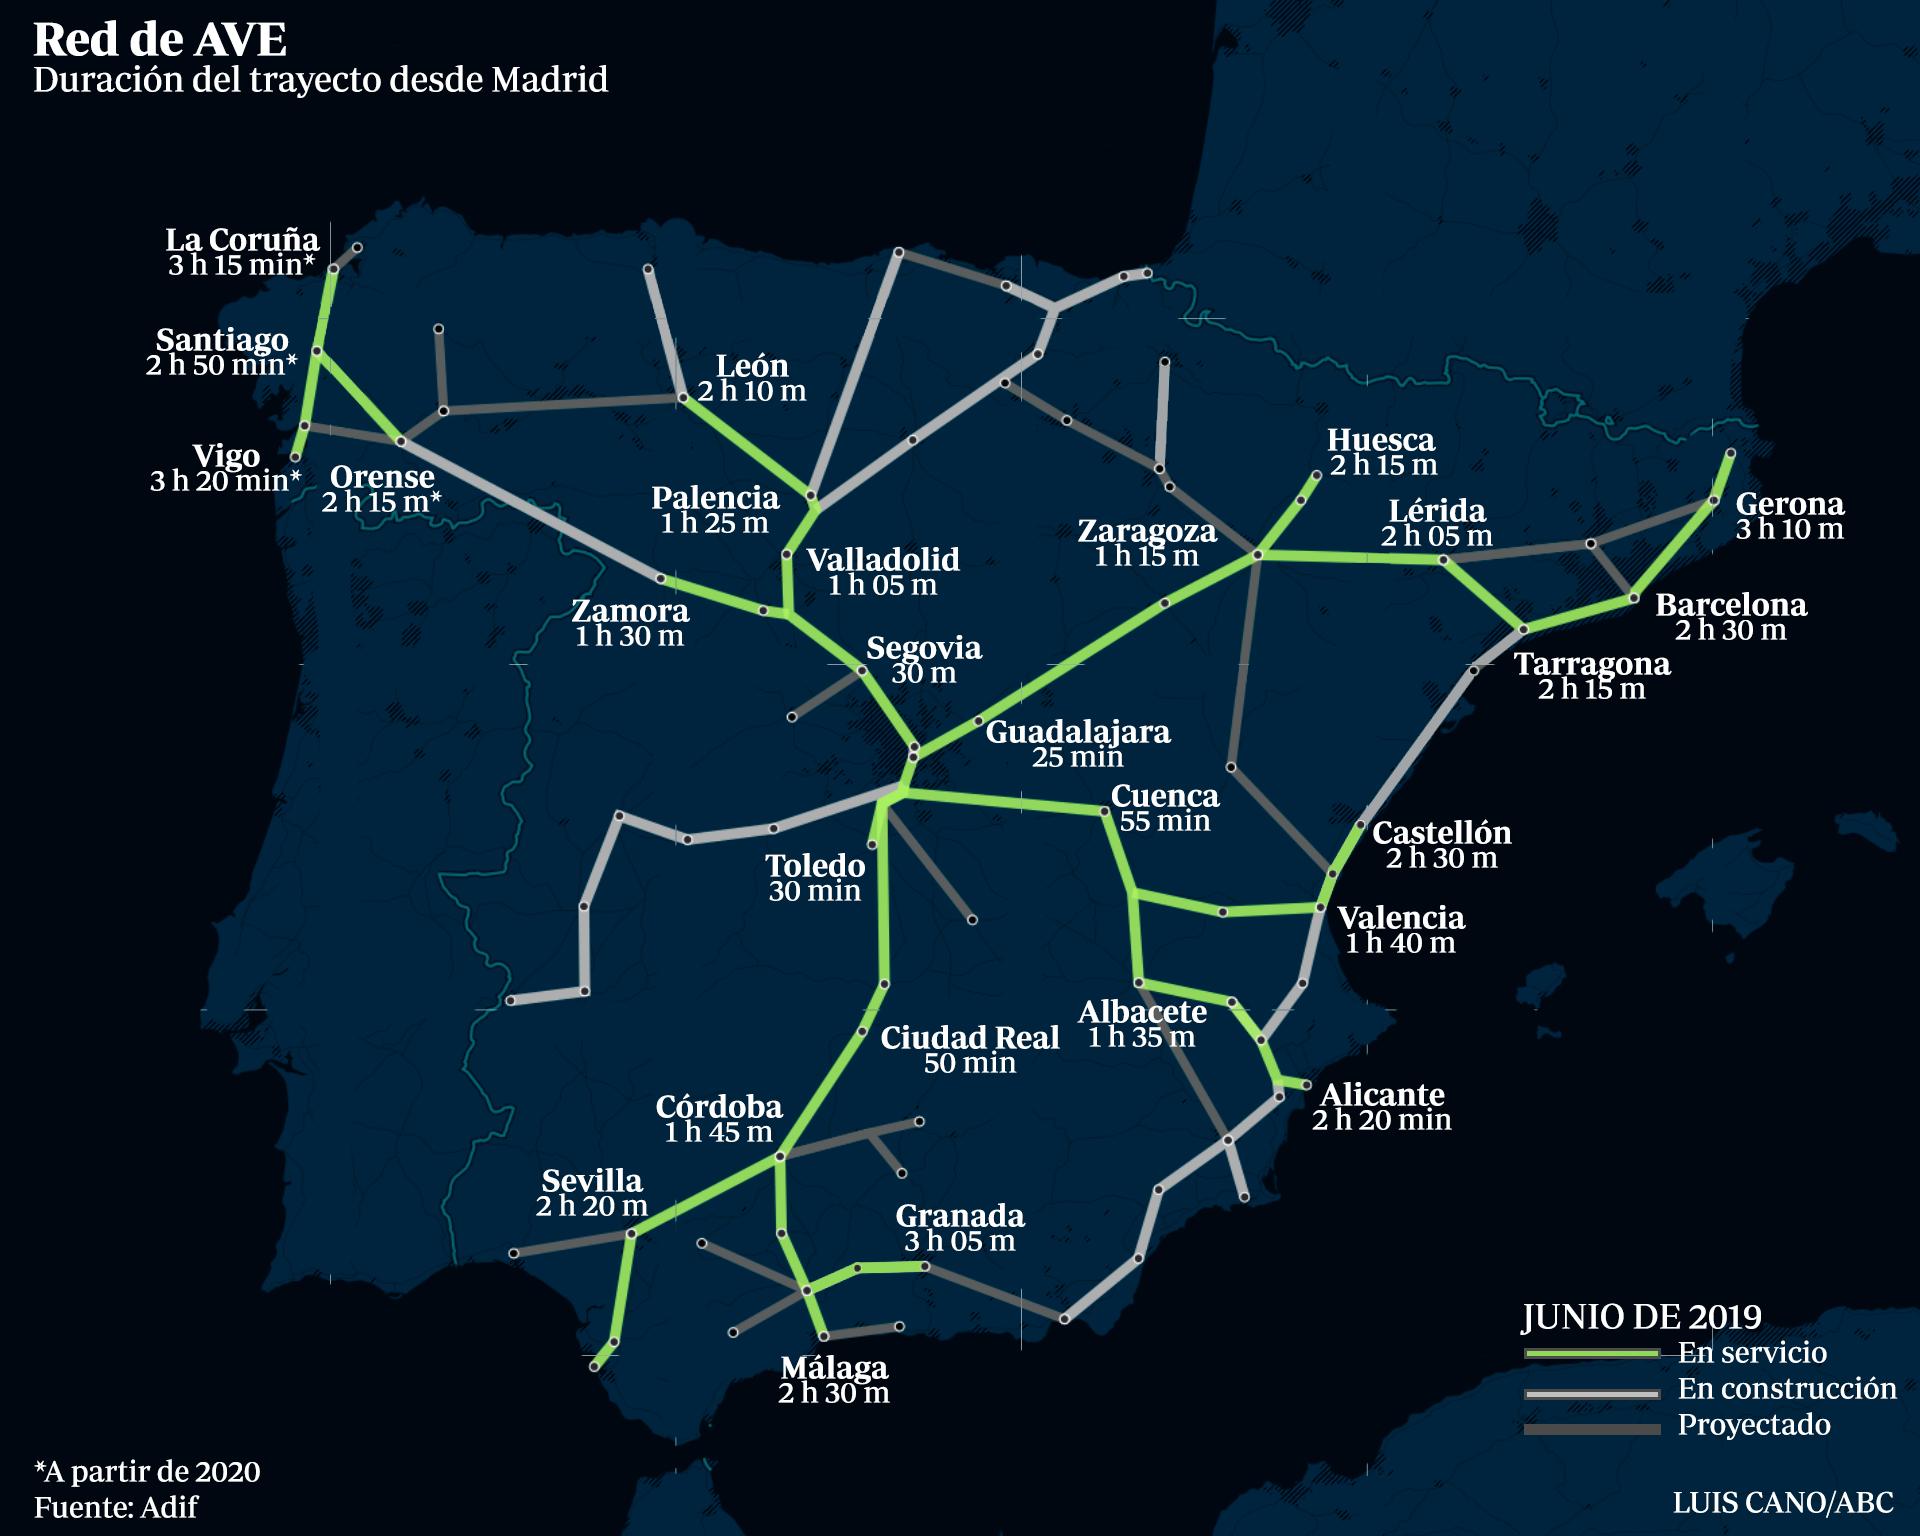 Mapa Ave España 2019.De Madrid Al Cielo En Ave Hasta Donde Llega La Alta